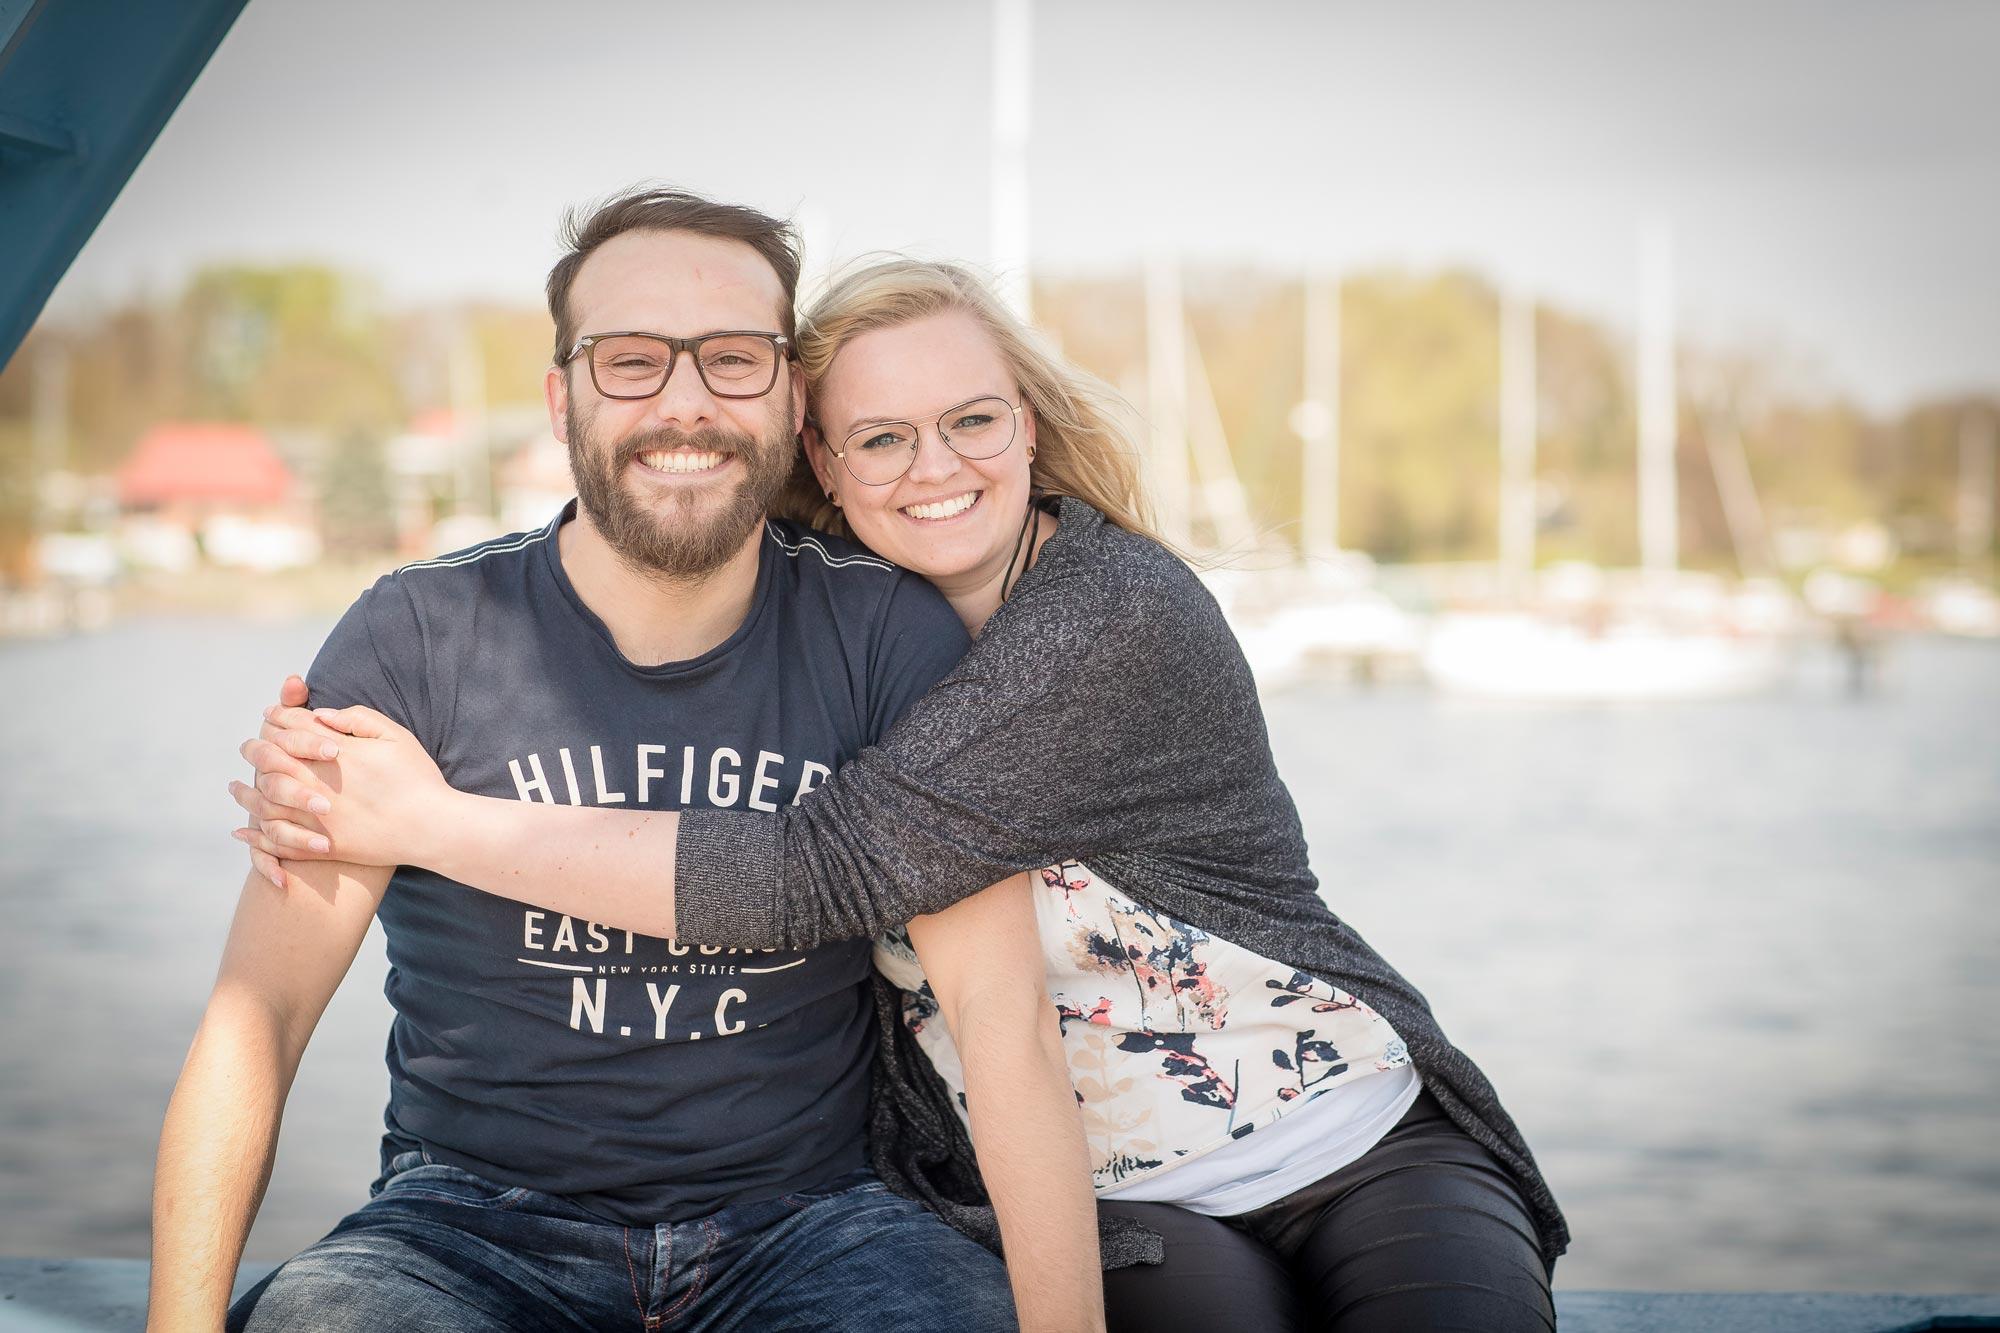 Wigburg Brungs und Marten Mense von Optik Sagawe in Rostock haben Freude am Sehen